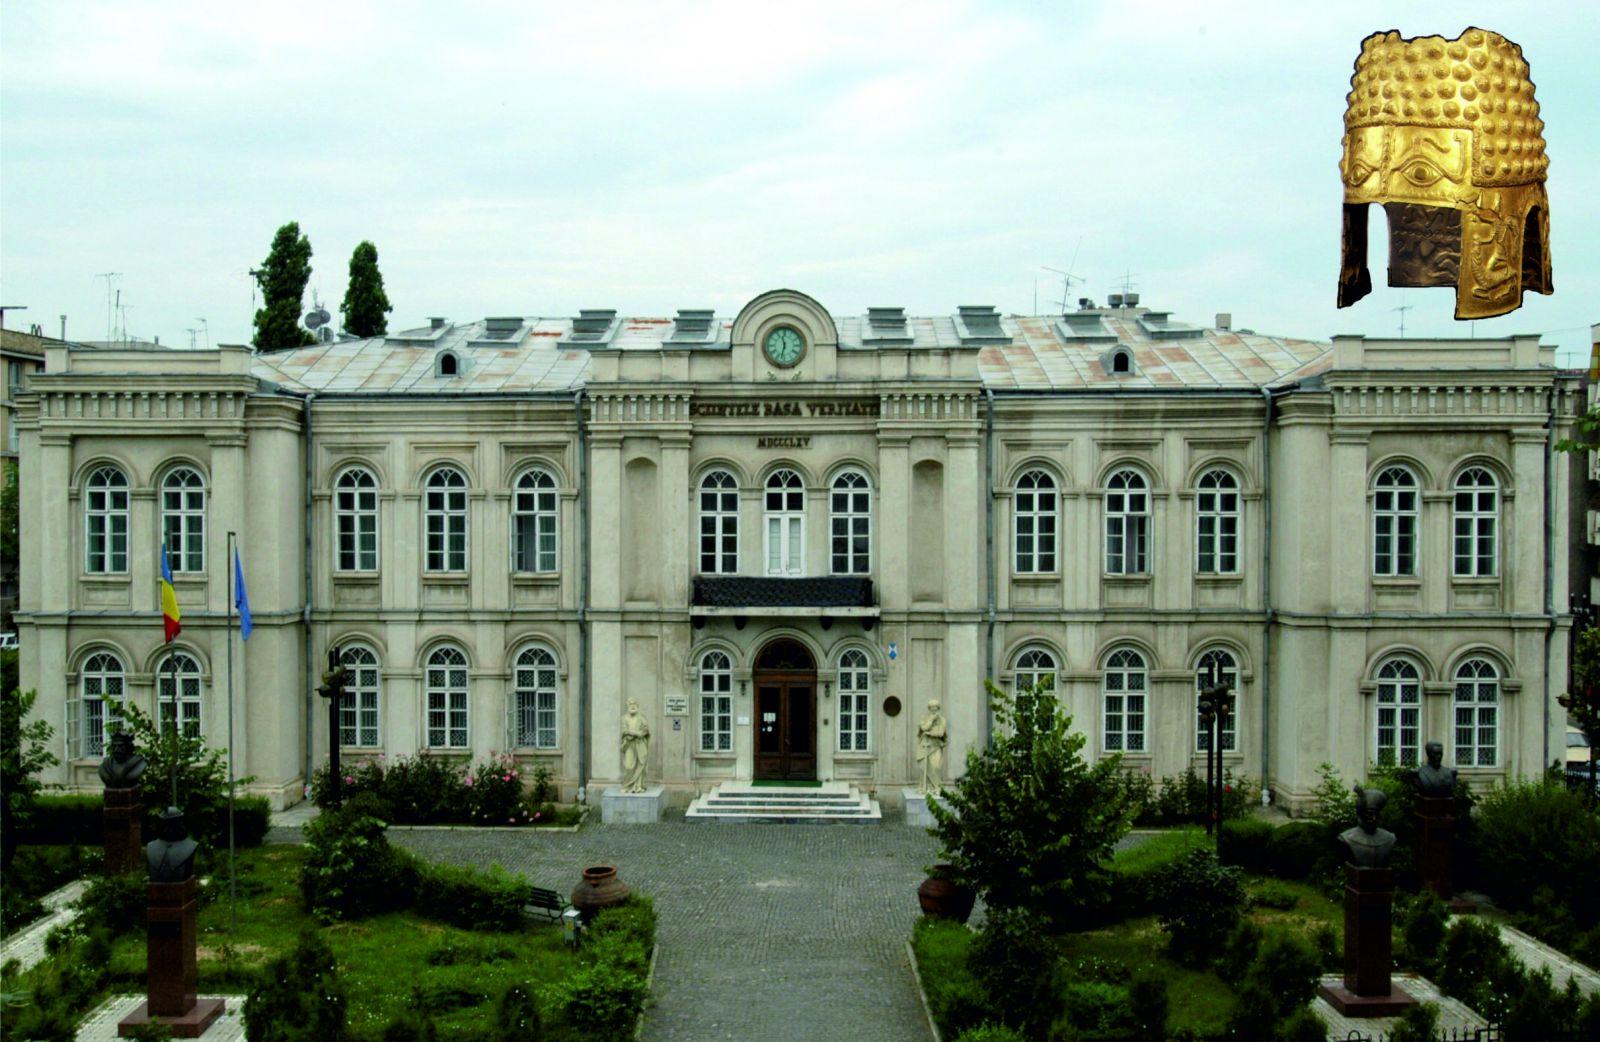 Vă invităm să vizionați filmul de prezentare a Muzeului Județean de Istorie și Arheologie Prahova - partea I, accesând linkul https://youtu.be/NtqJgRKOX9w. Vizionare plăcută!